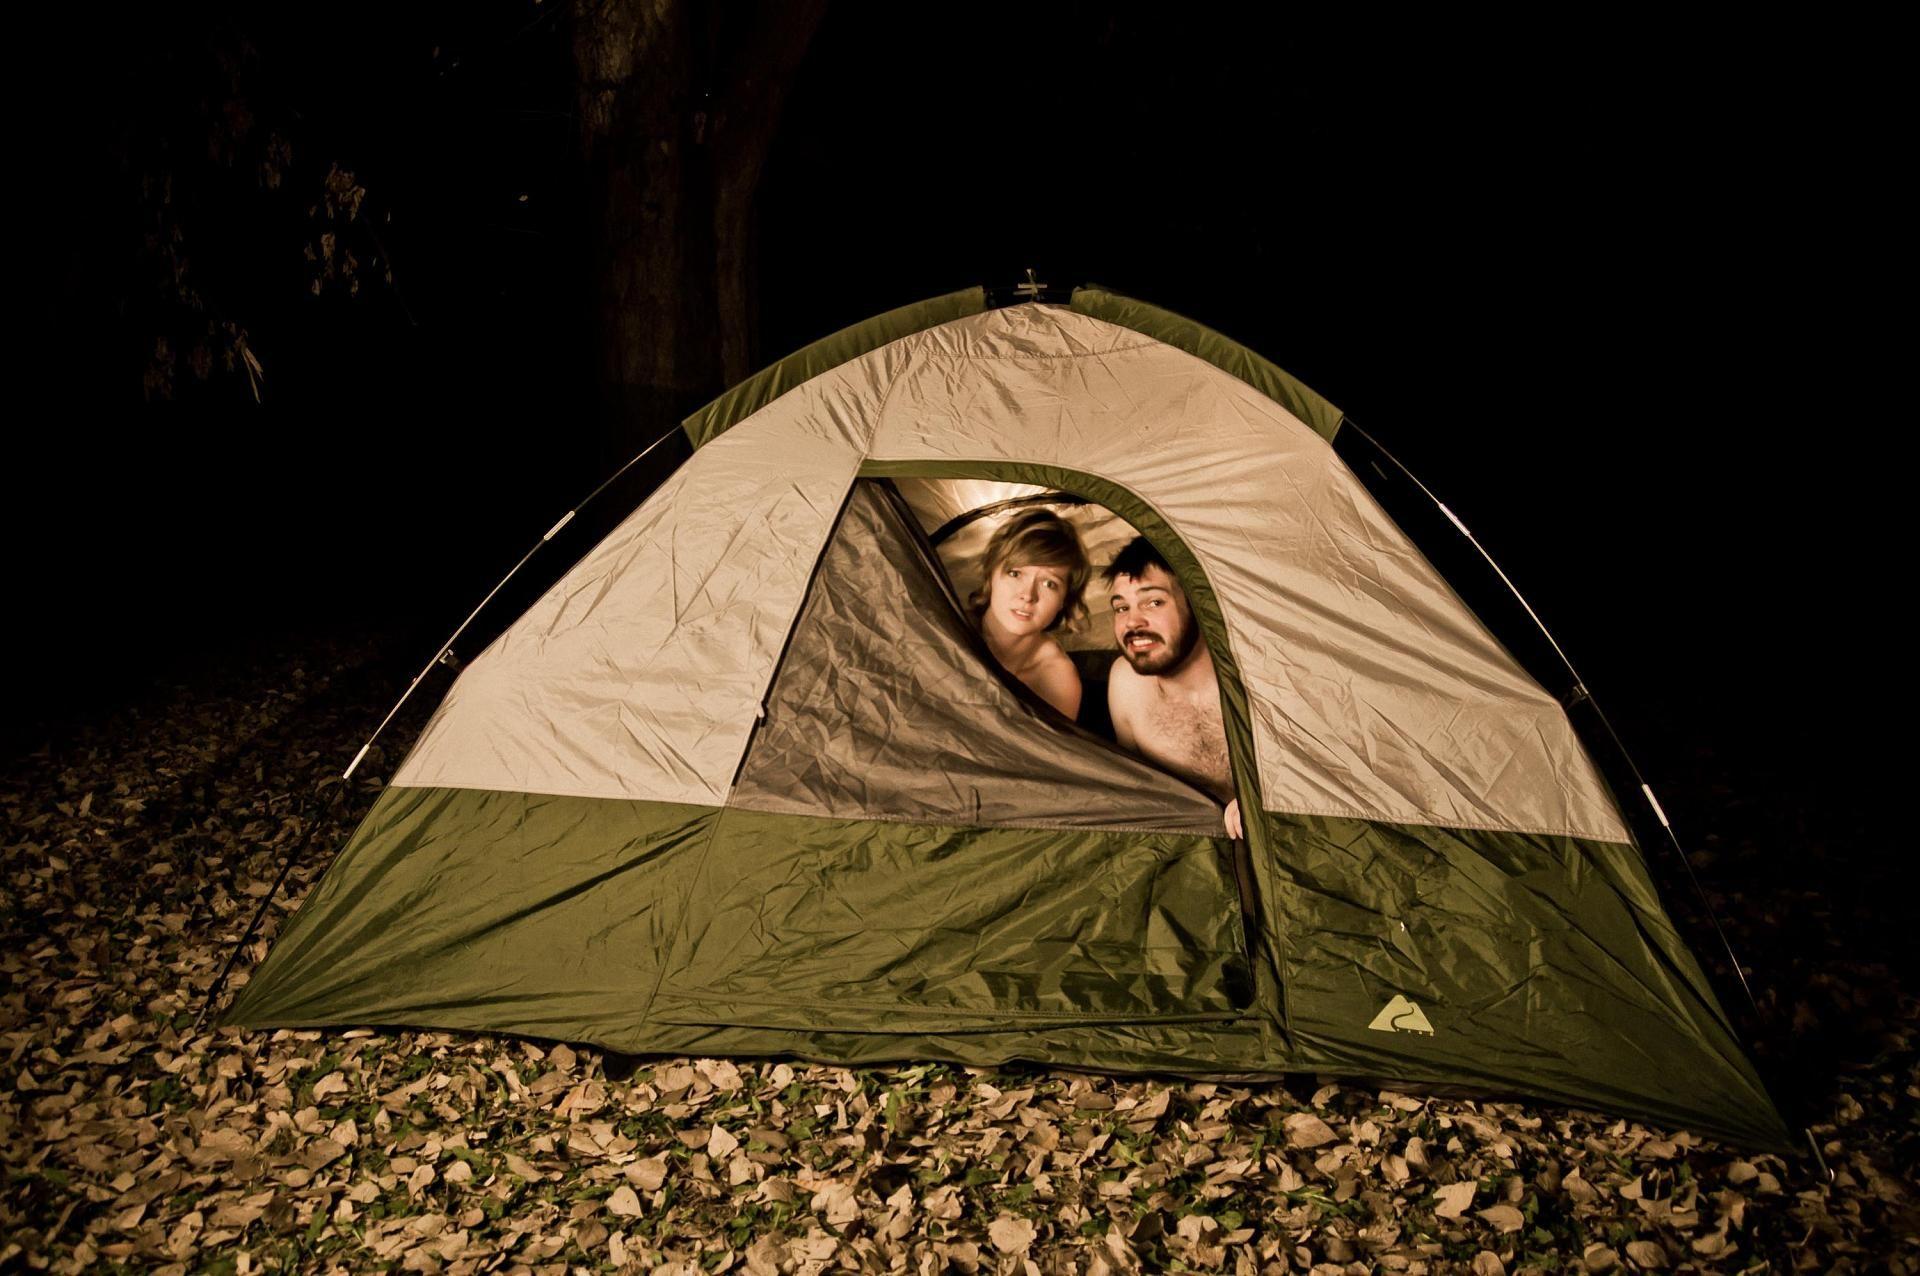 Milf Outdoor Sex In Tent